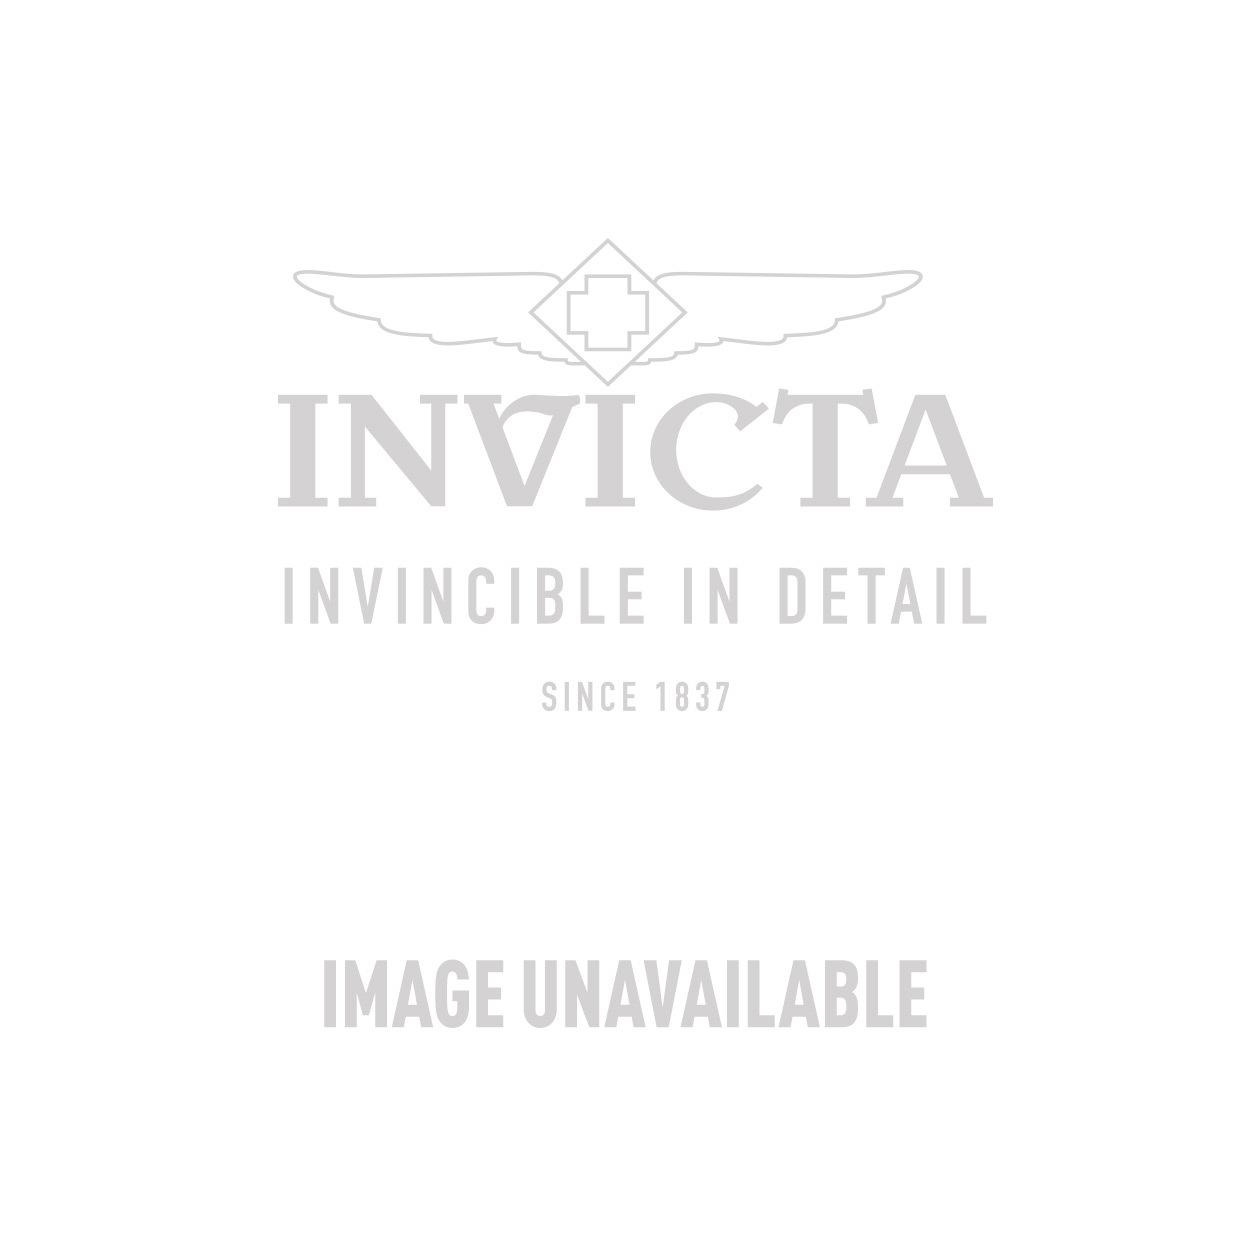 Invicta Model 26784